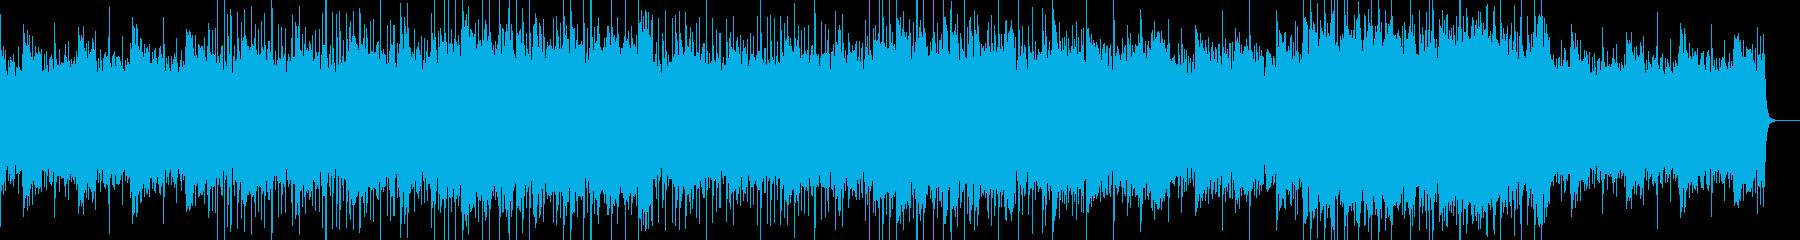 ゆったりとしたイージーリスニングの再生済みの波形